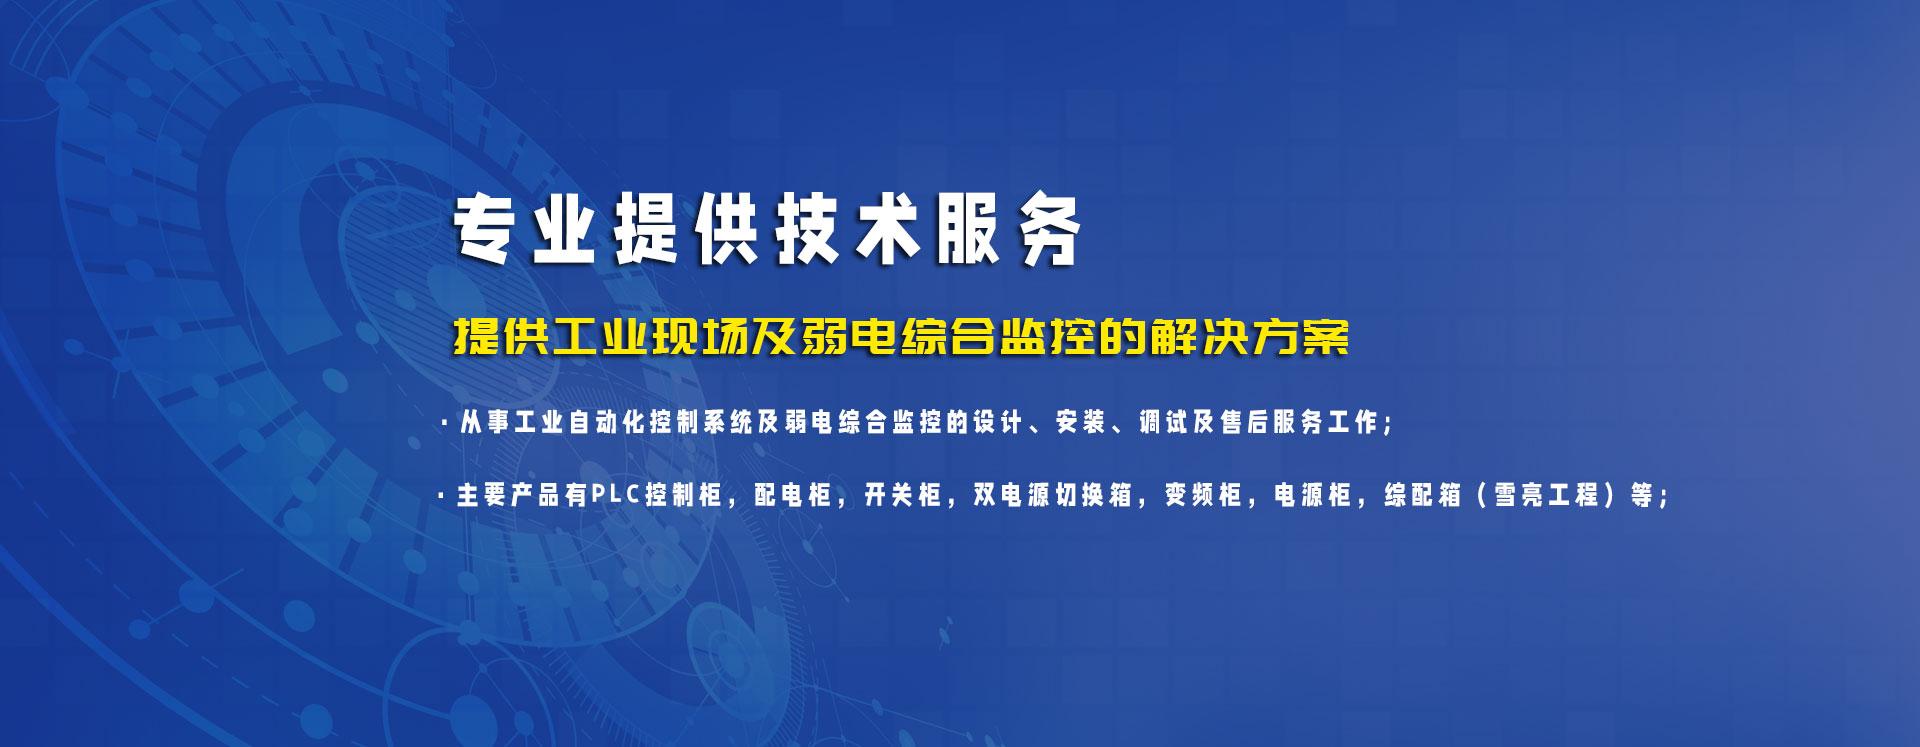 广东系统集成商